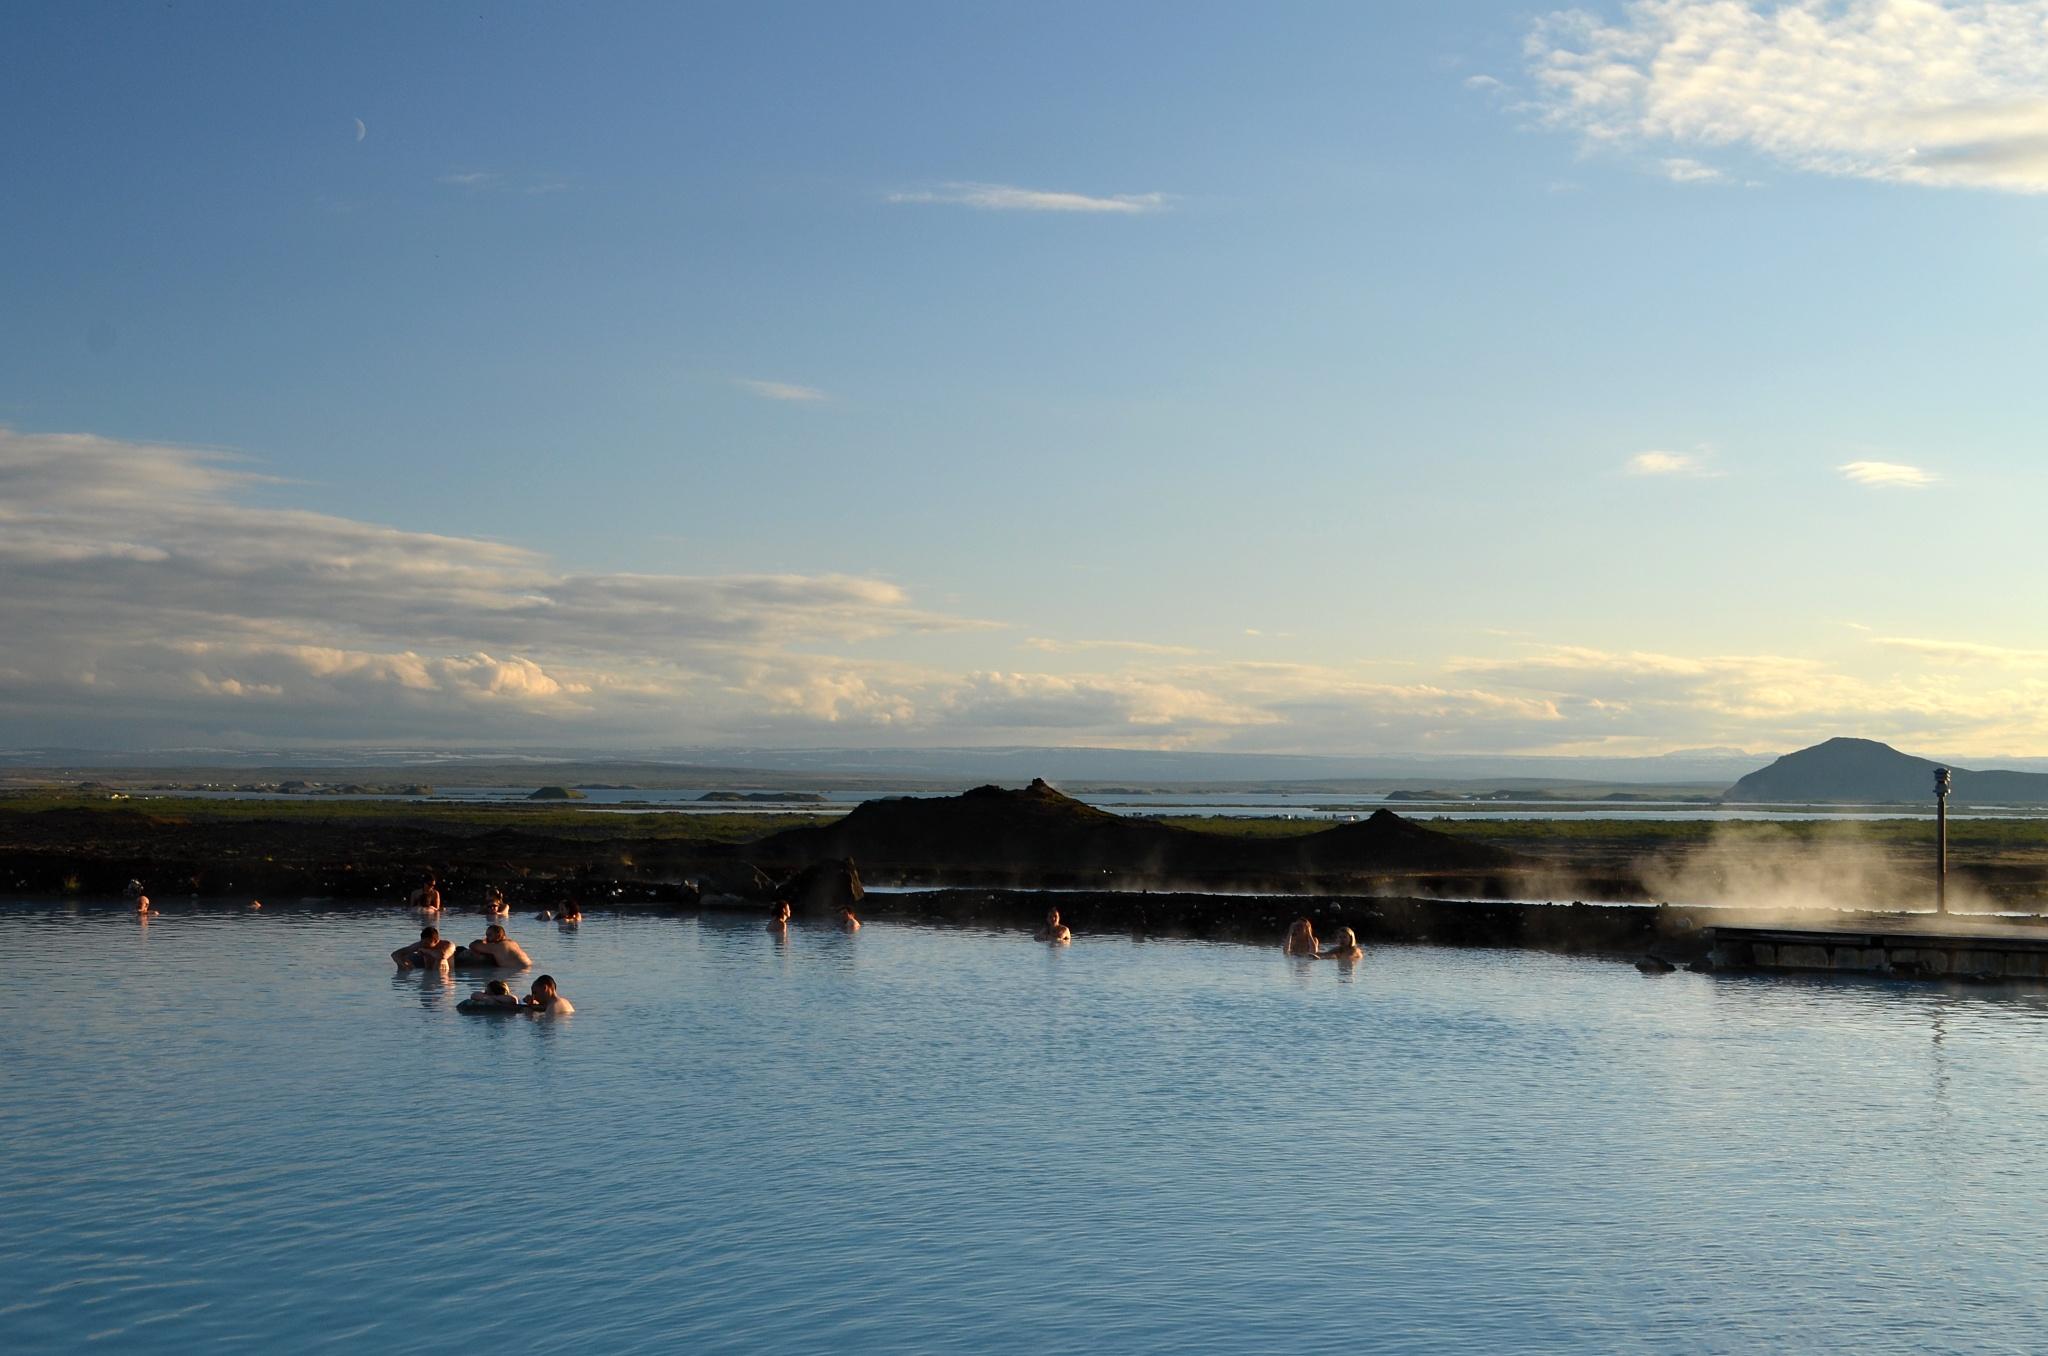 Pohled z koupaliště na jezero Mývatn